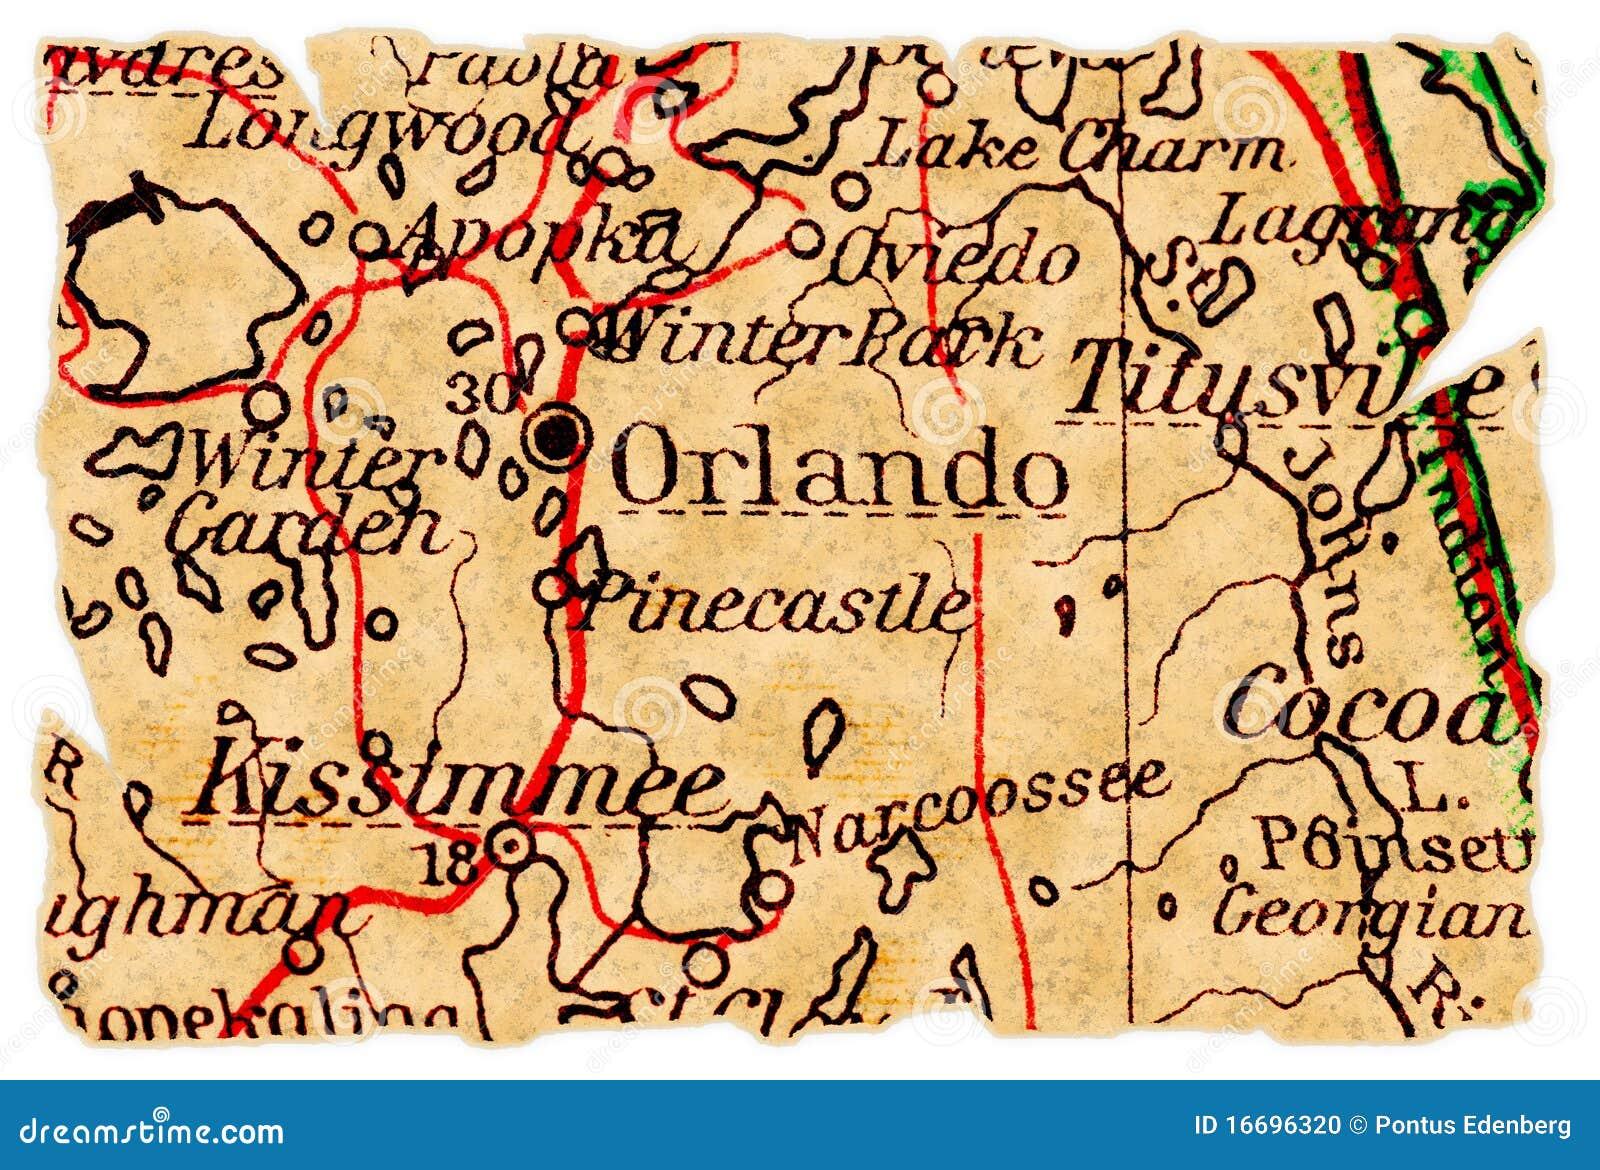 Florida Map Orlando.Orlando Old Map Stock Photo Image Of Isolated Retro 16696320